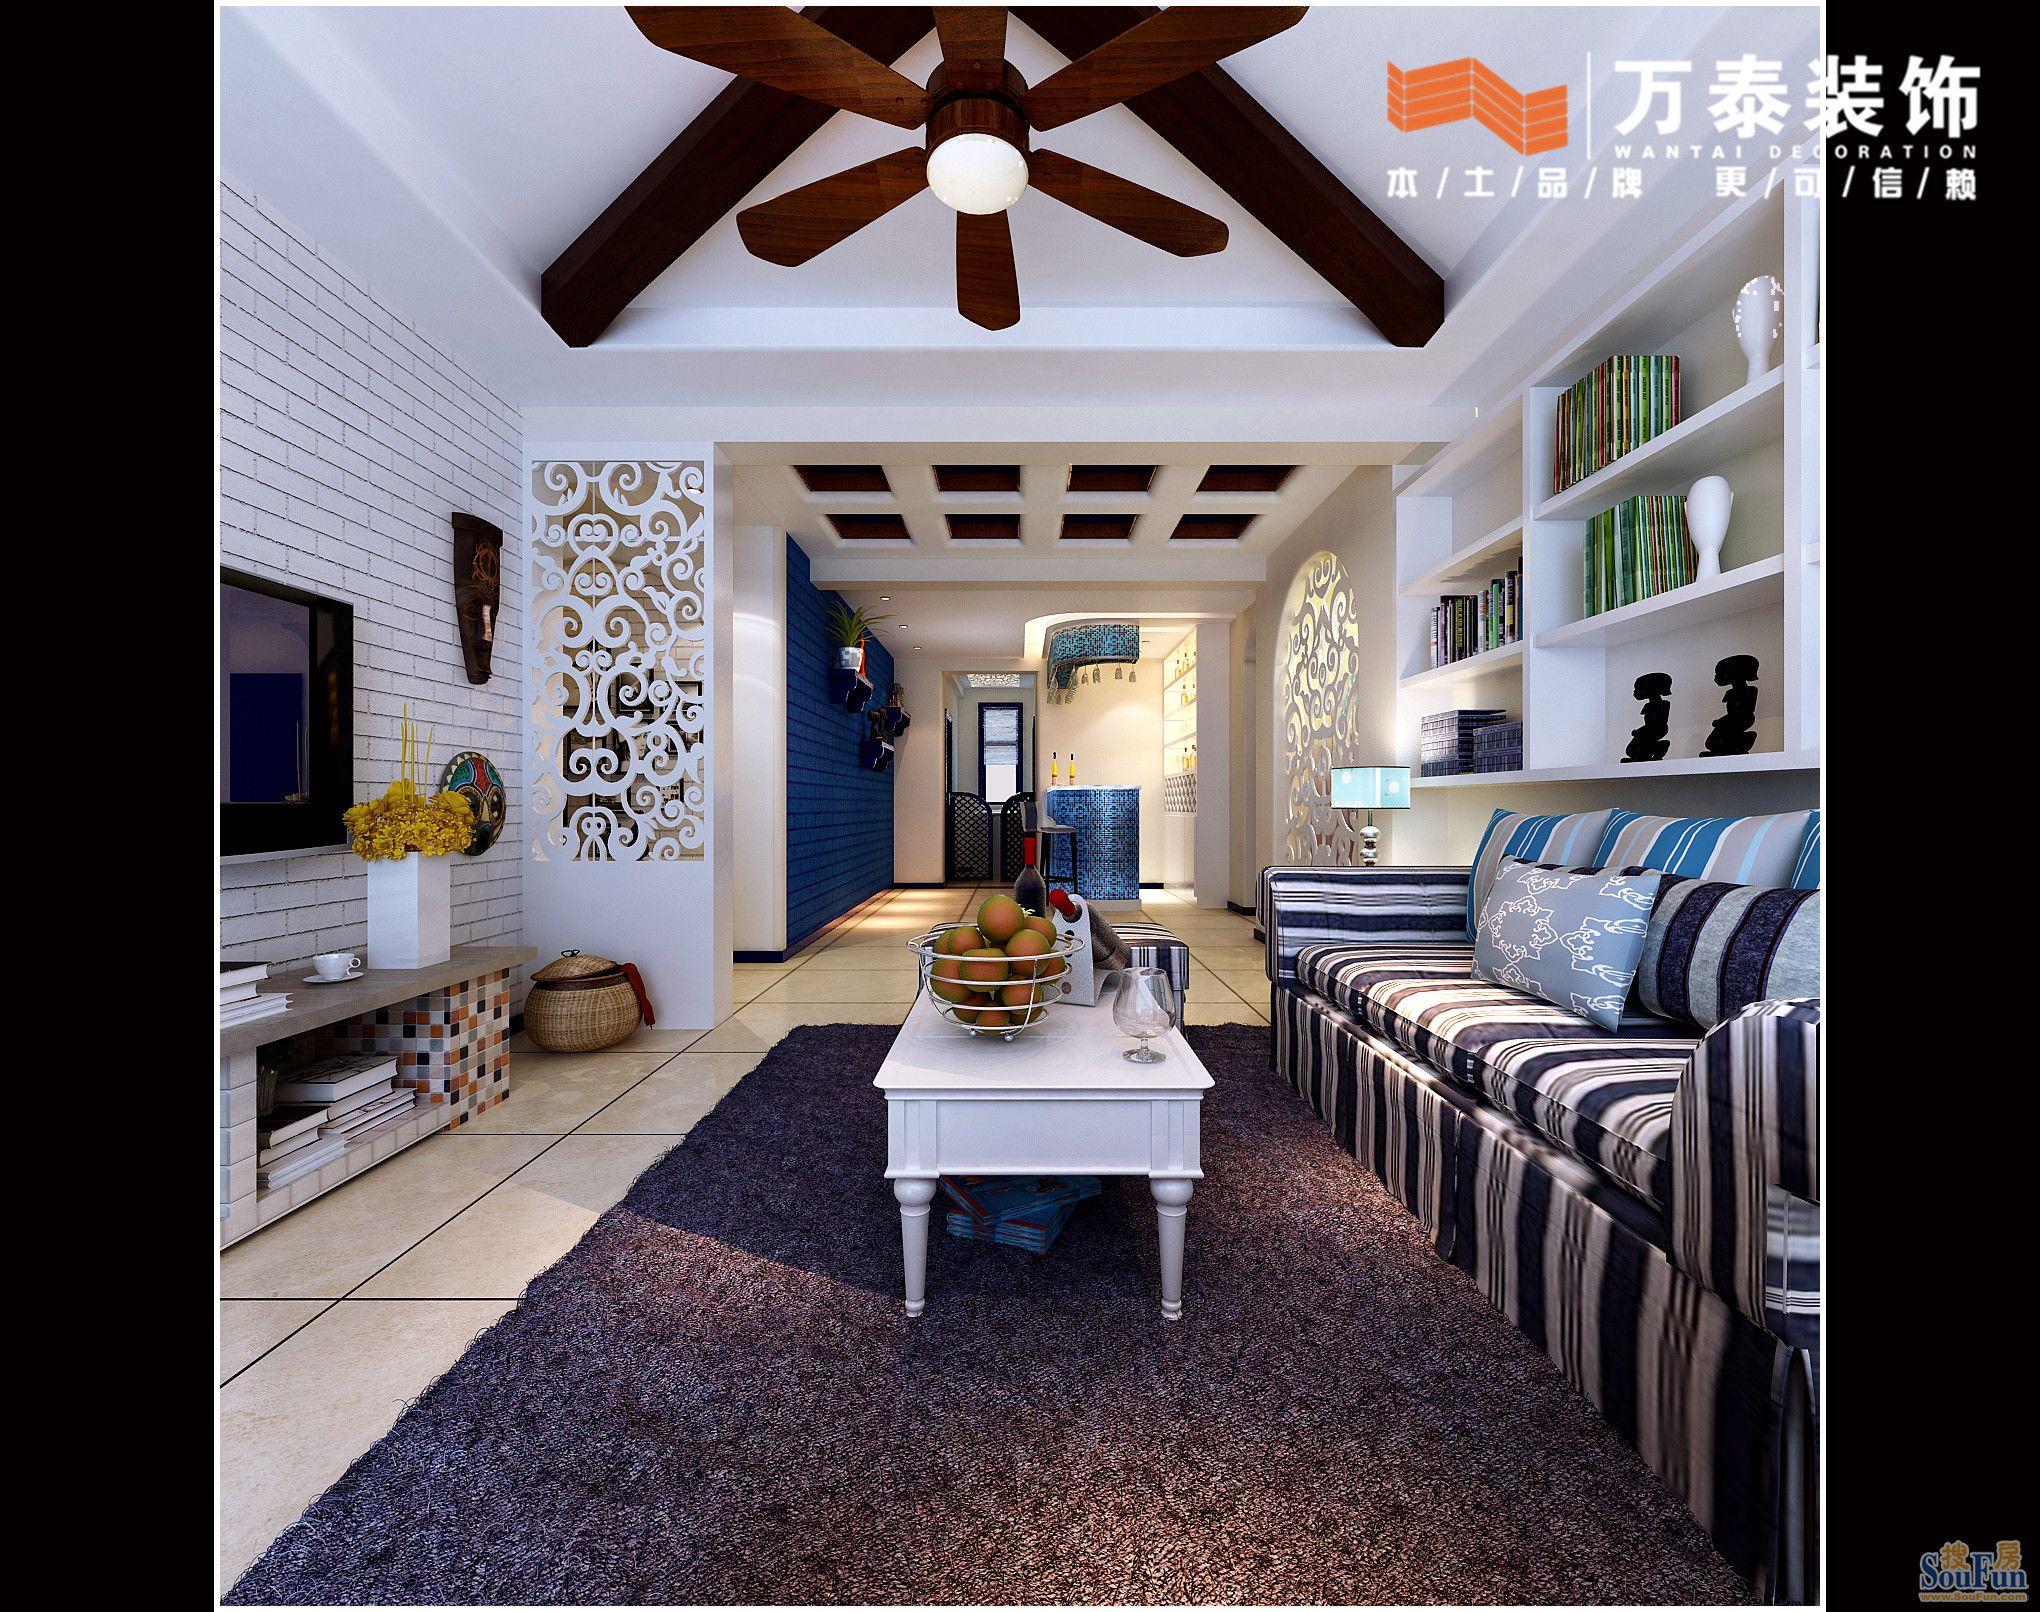 110平3室2厅 现代简约风格装修案例 预算3.5万元高清图片